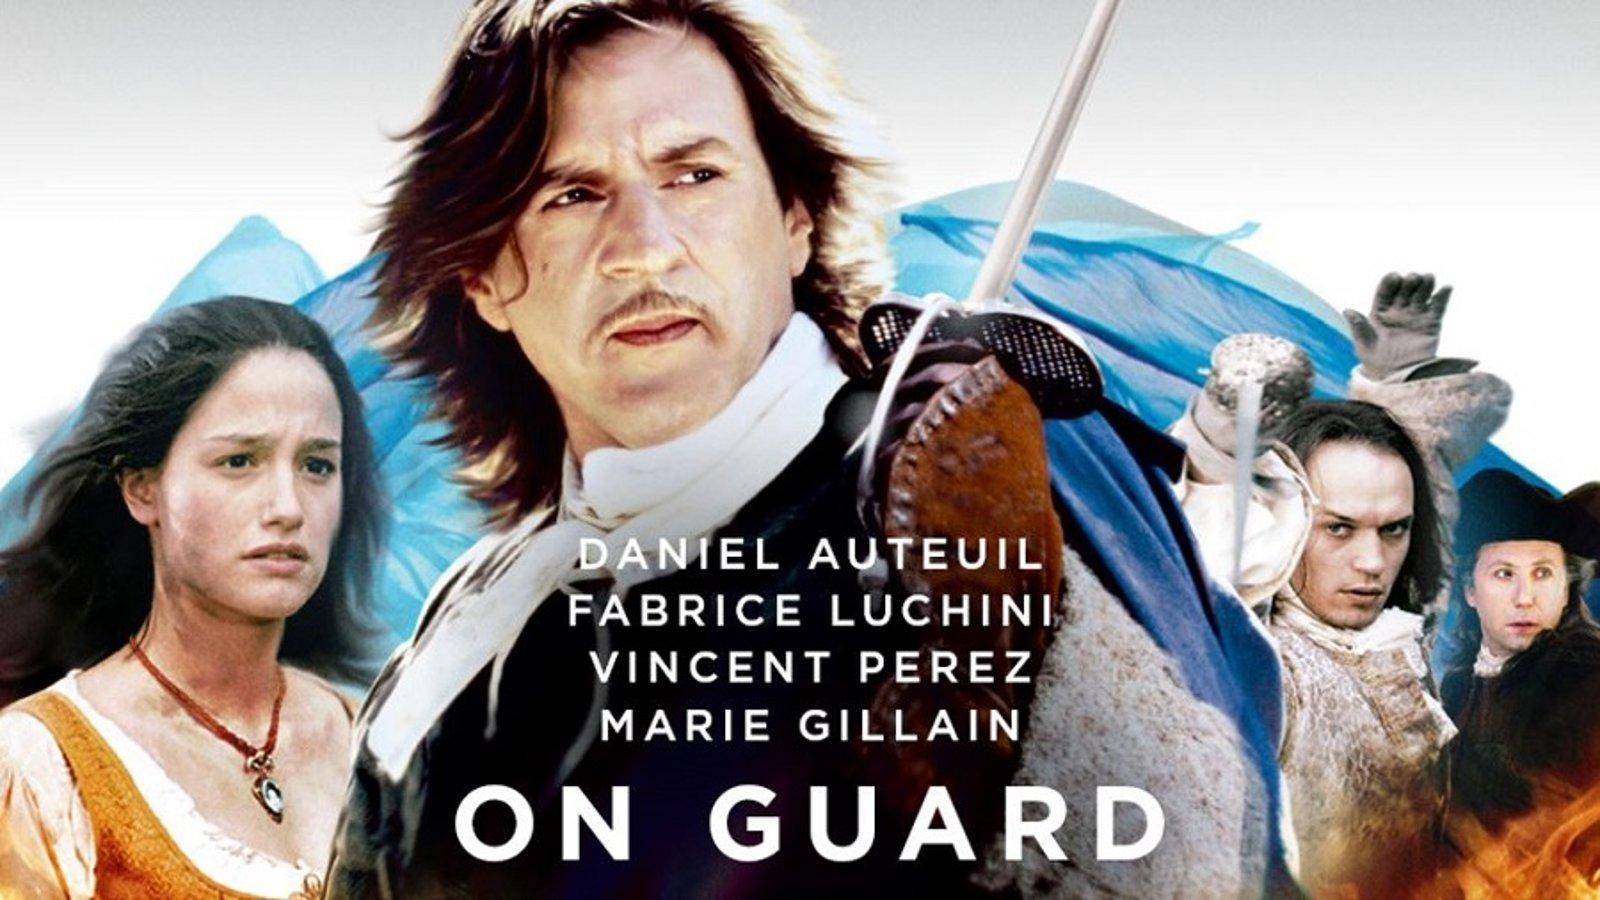 On Guard - Le bossu